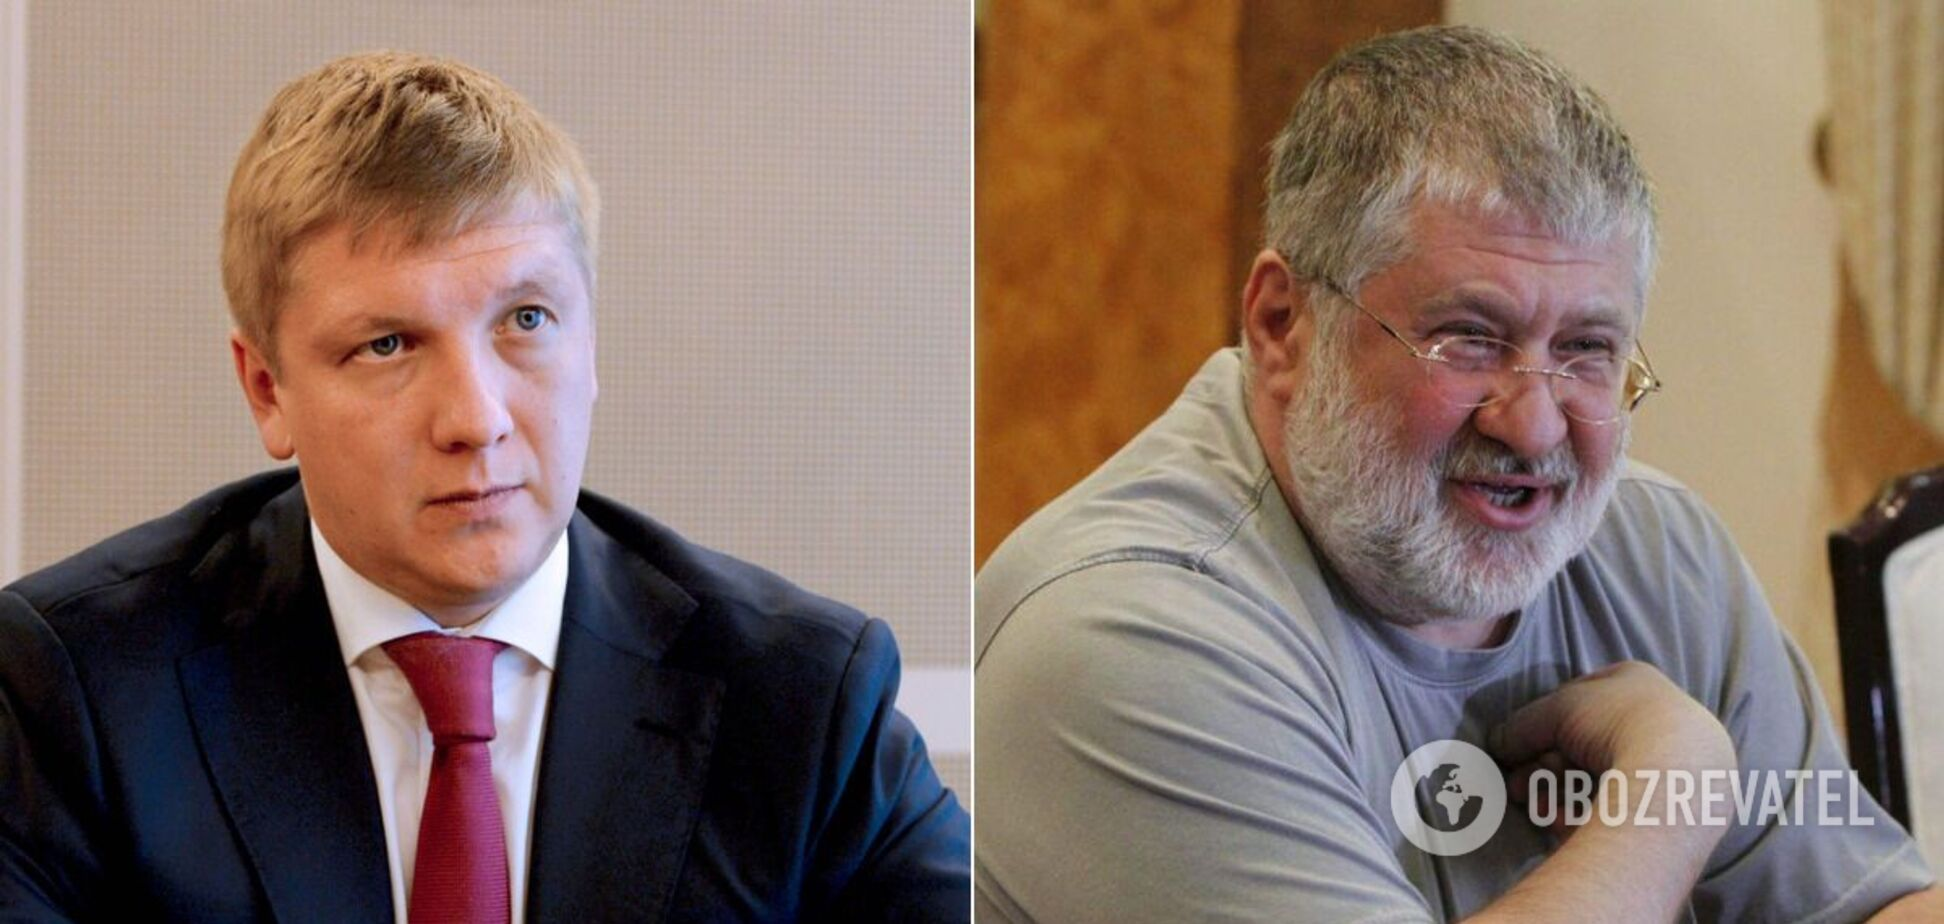 У Коболєва є домовленості з Коломойським з 2014 року, – Вітренко